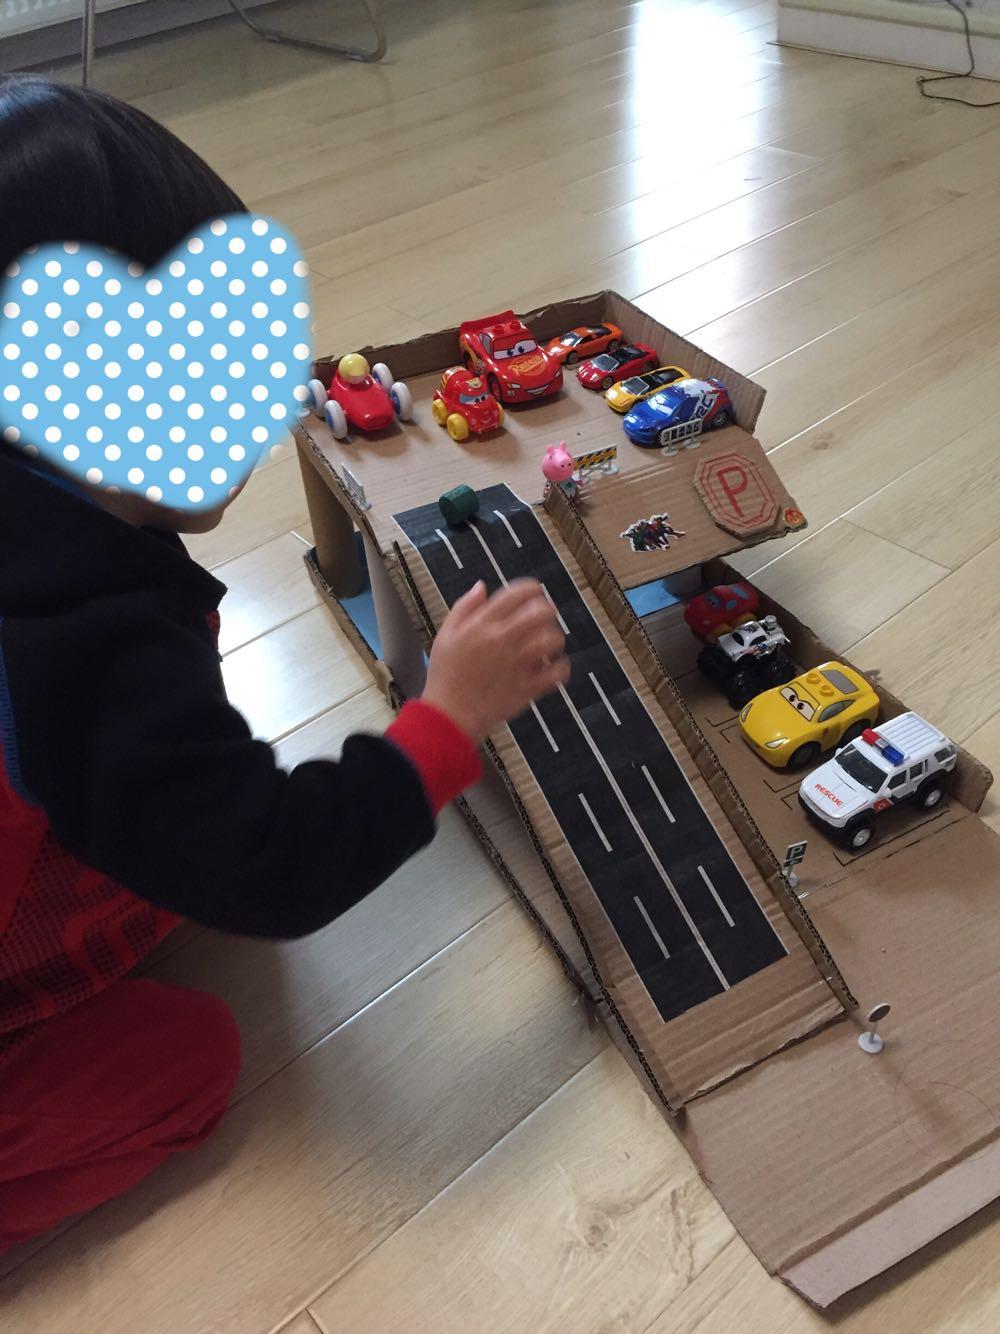 3-8 tuổi với theo dõi để chơi lối ra dấu hiệu giao thông mô phỏng báo hiệu đường bộ đá và đồ chơi khác